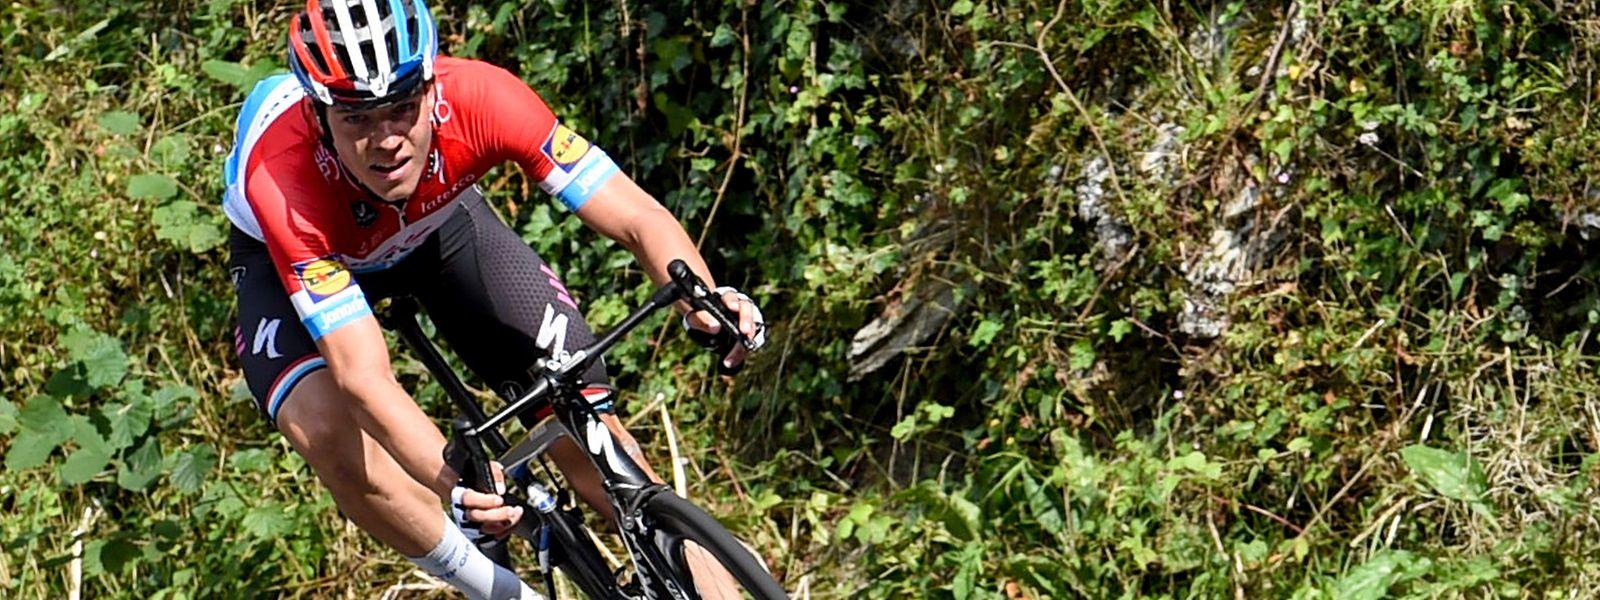 Bob Jungels zeigt sich bei der Tour of Britain in starker Form.